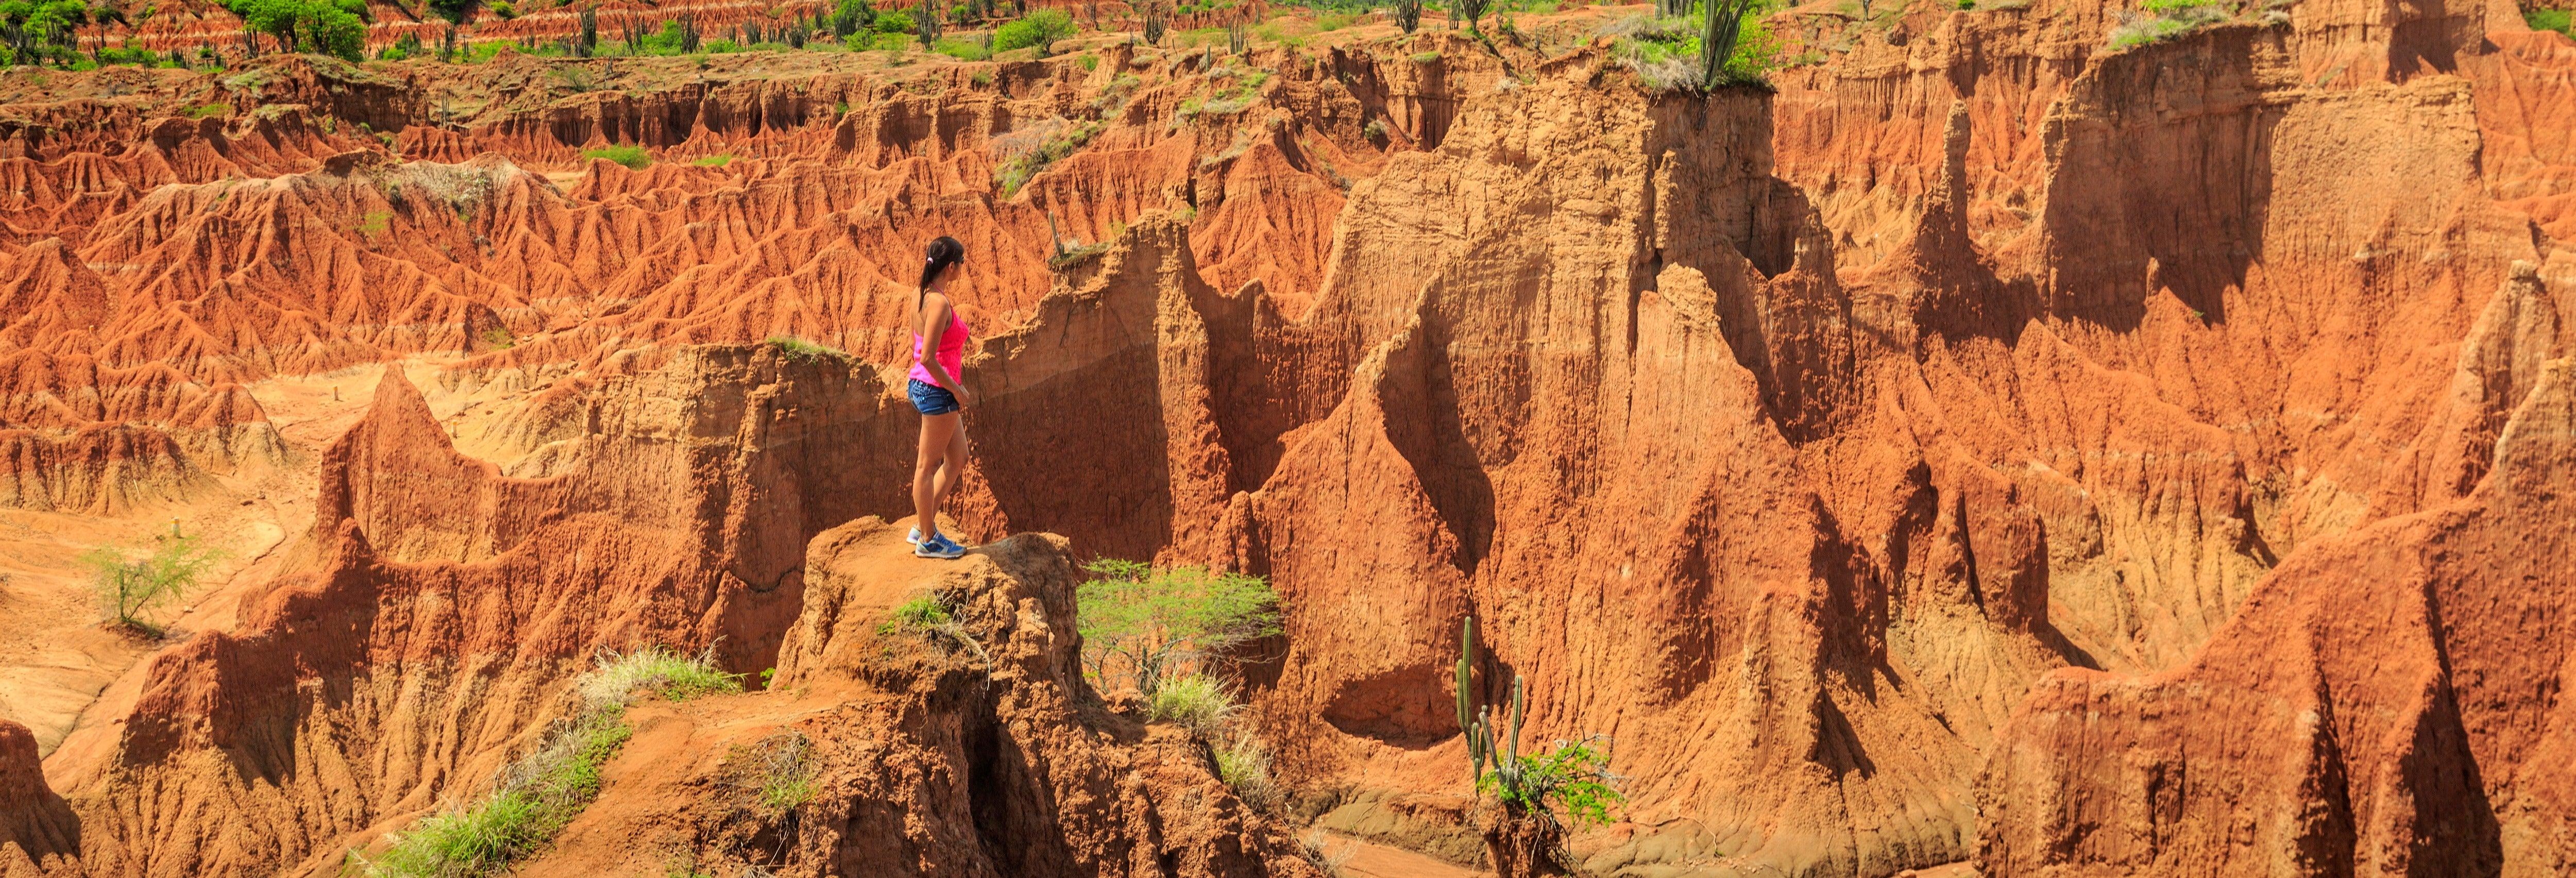 Excursão de 2 dias ao deserto de Tatacoa